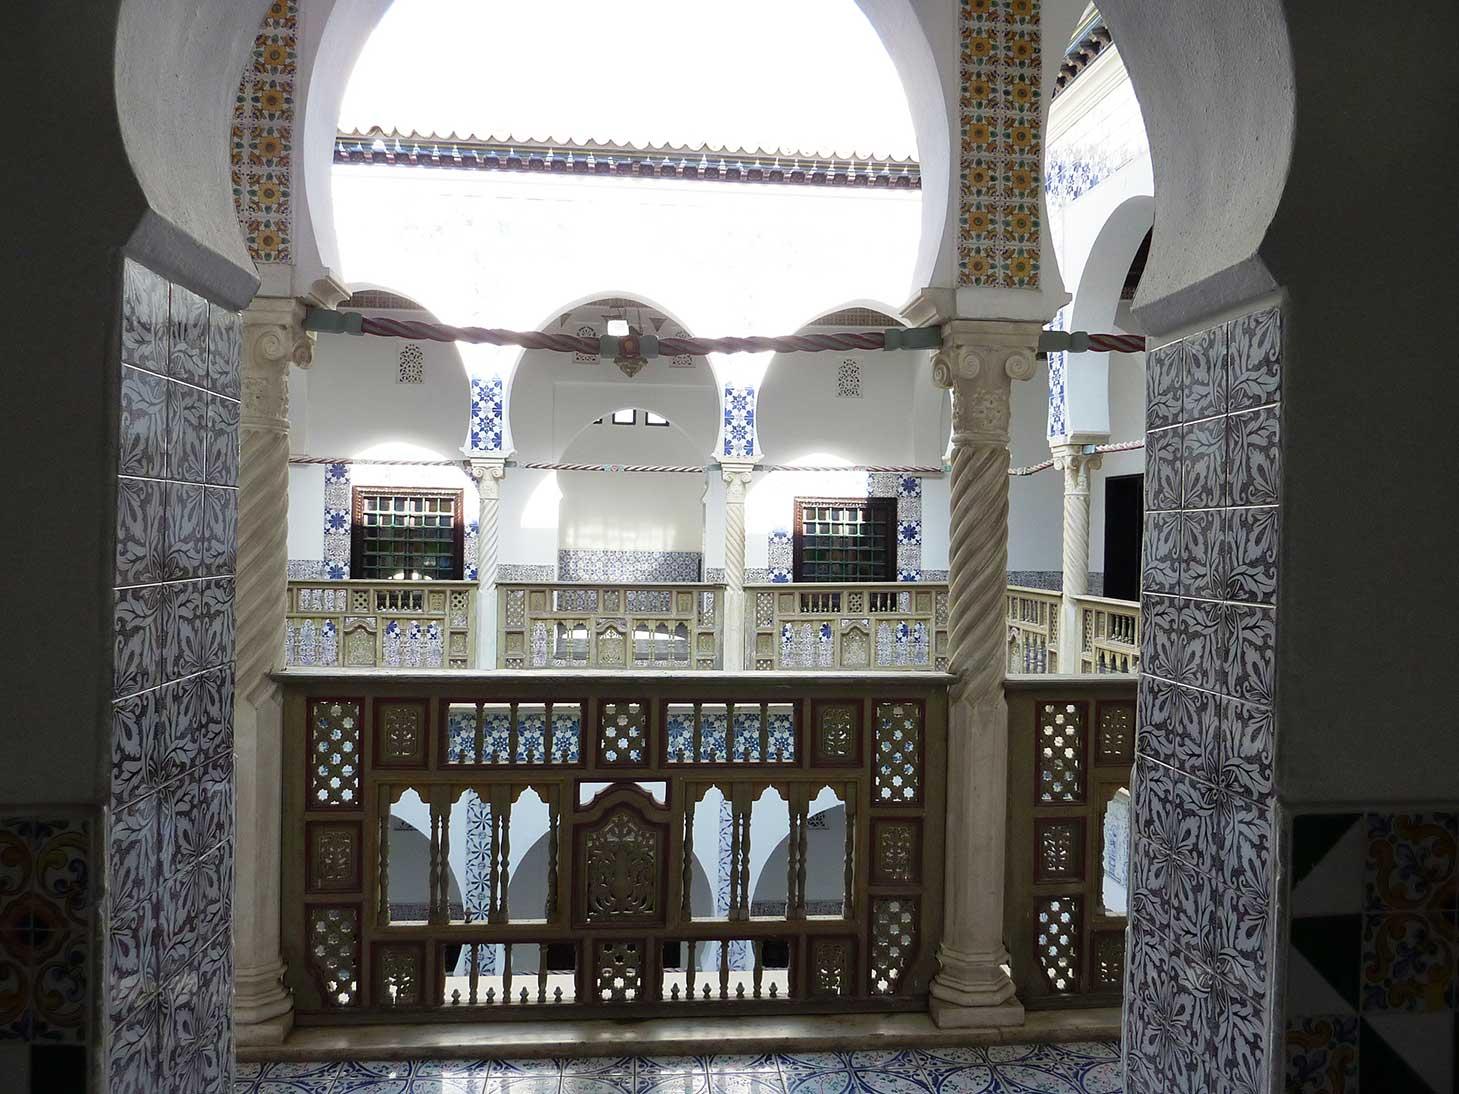 palais des rais casbah d'Alger